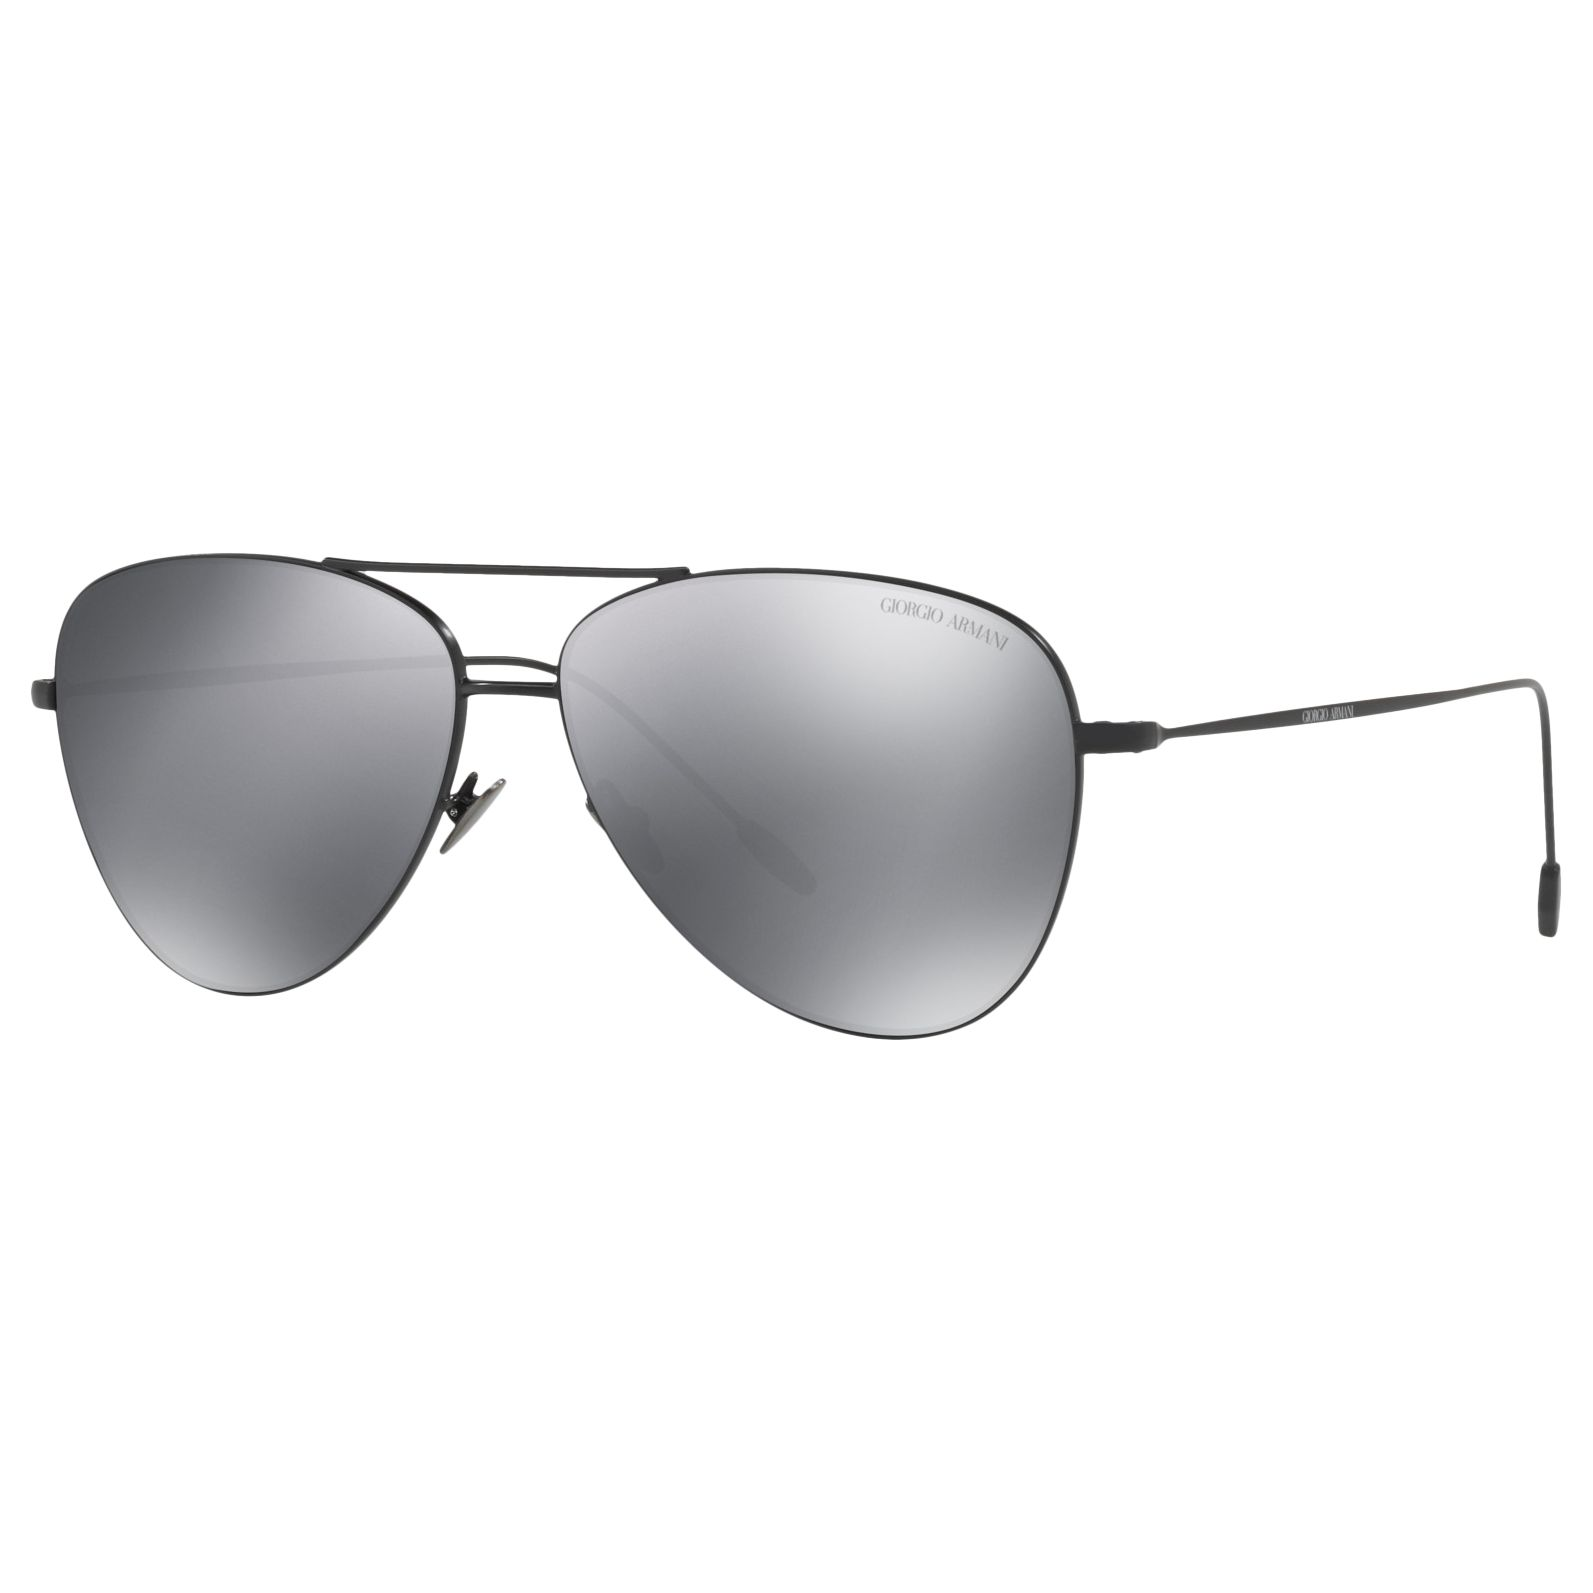 armani aviator sunglasses